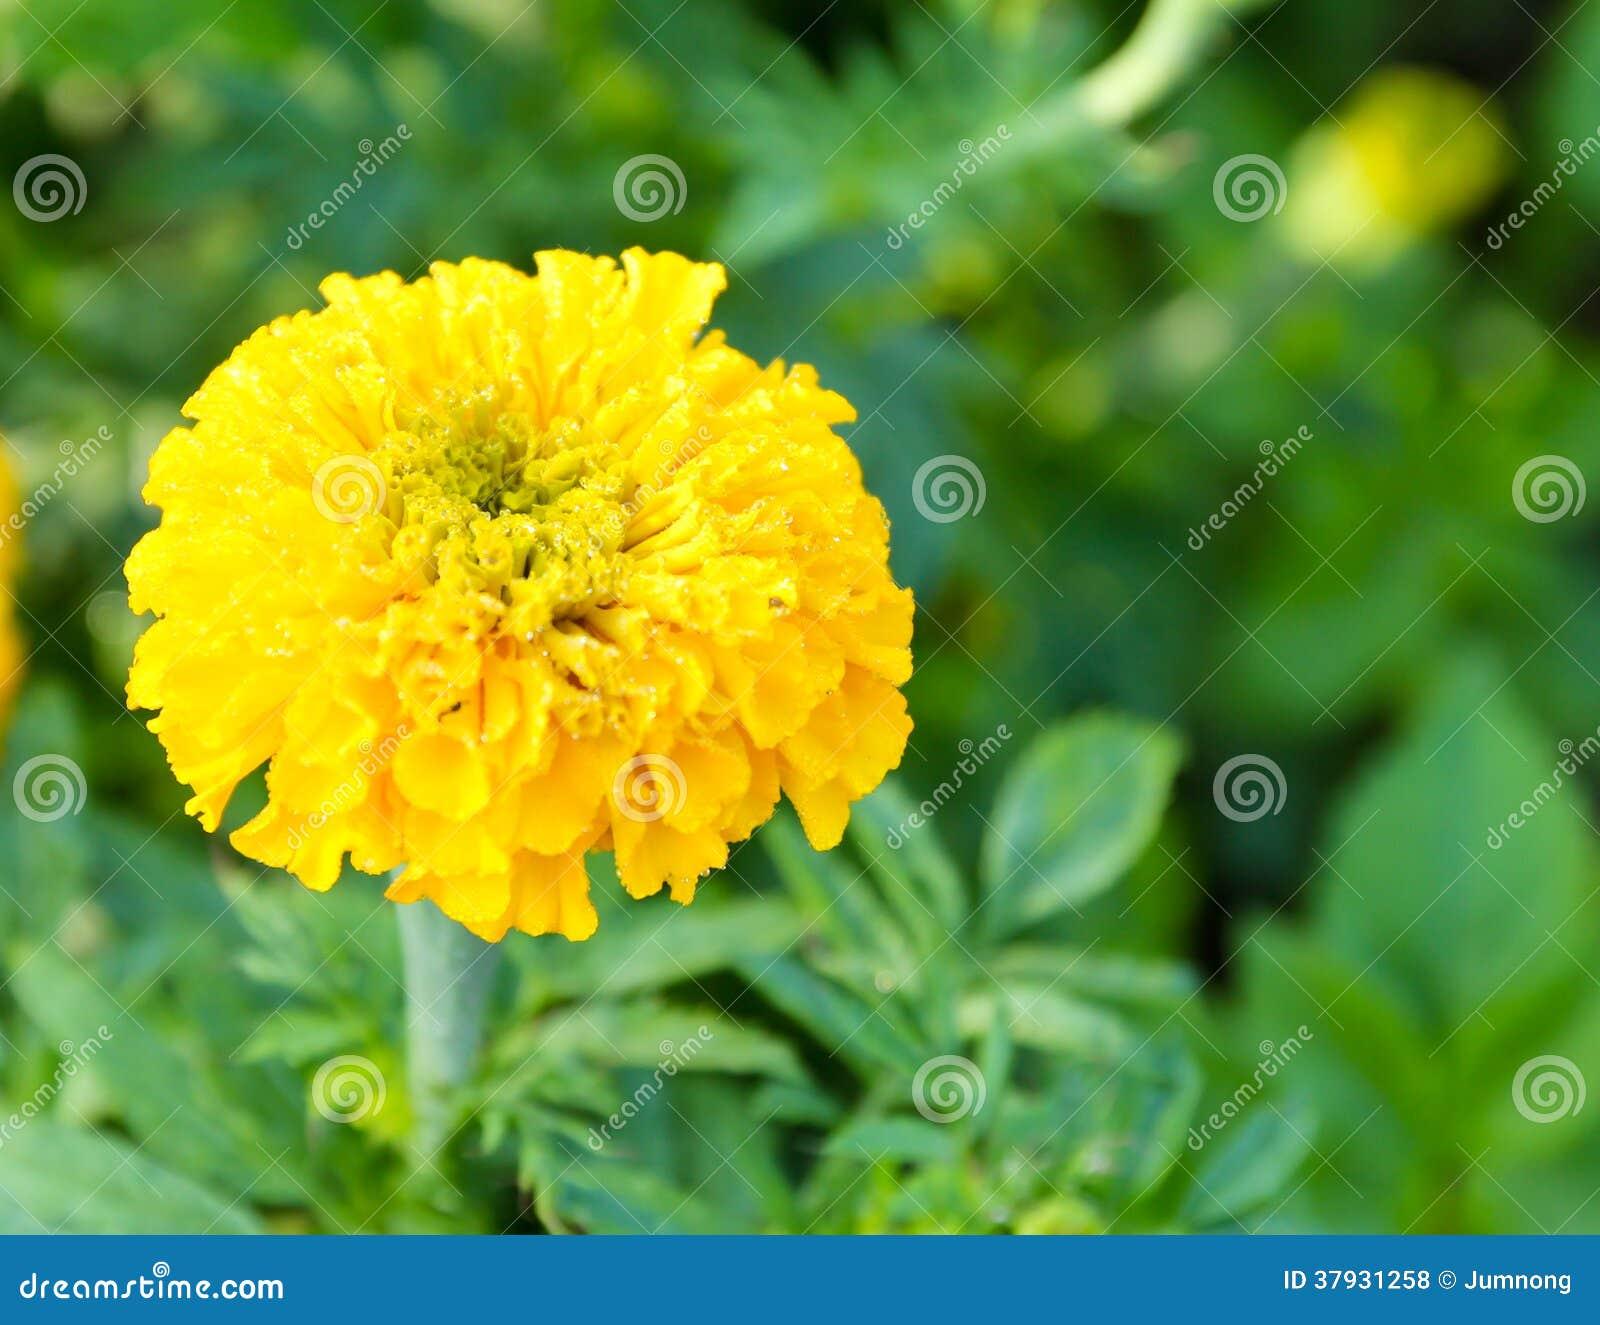 Cravo-de-defunto na exploração agrícola da flor